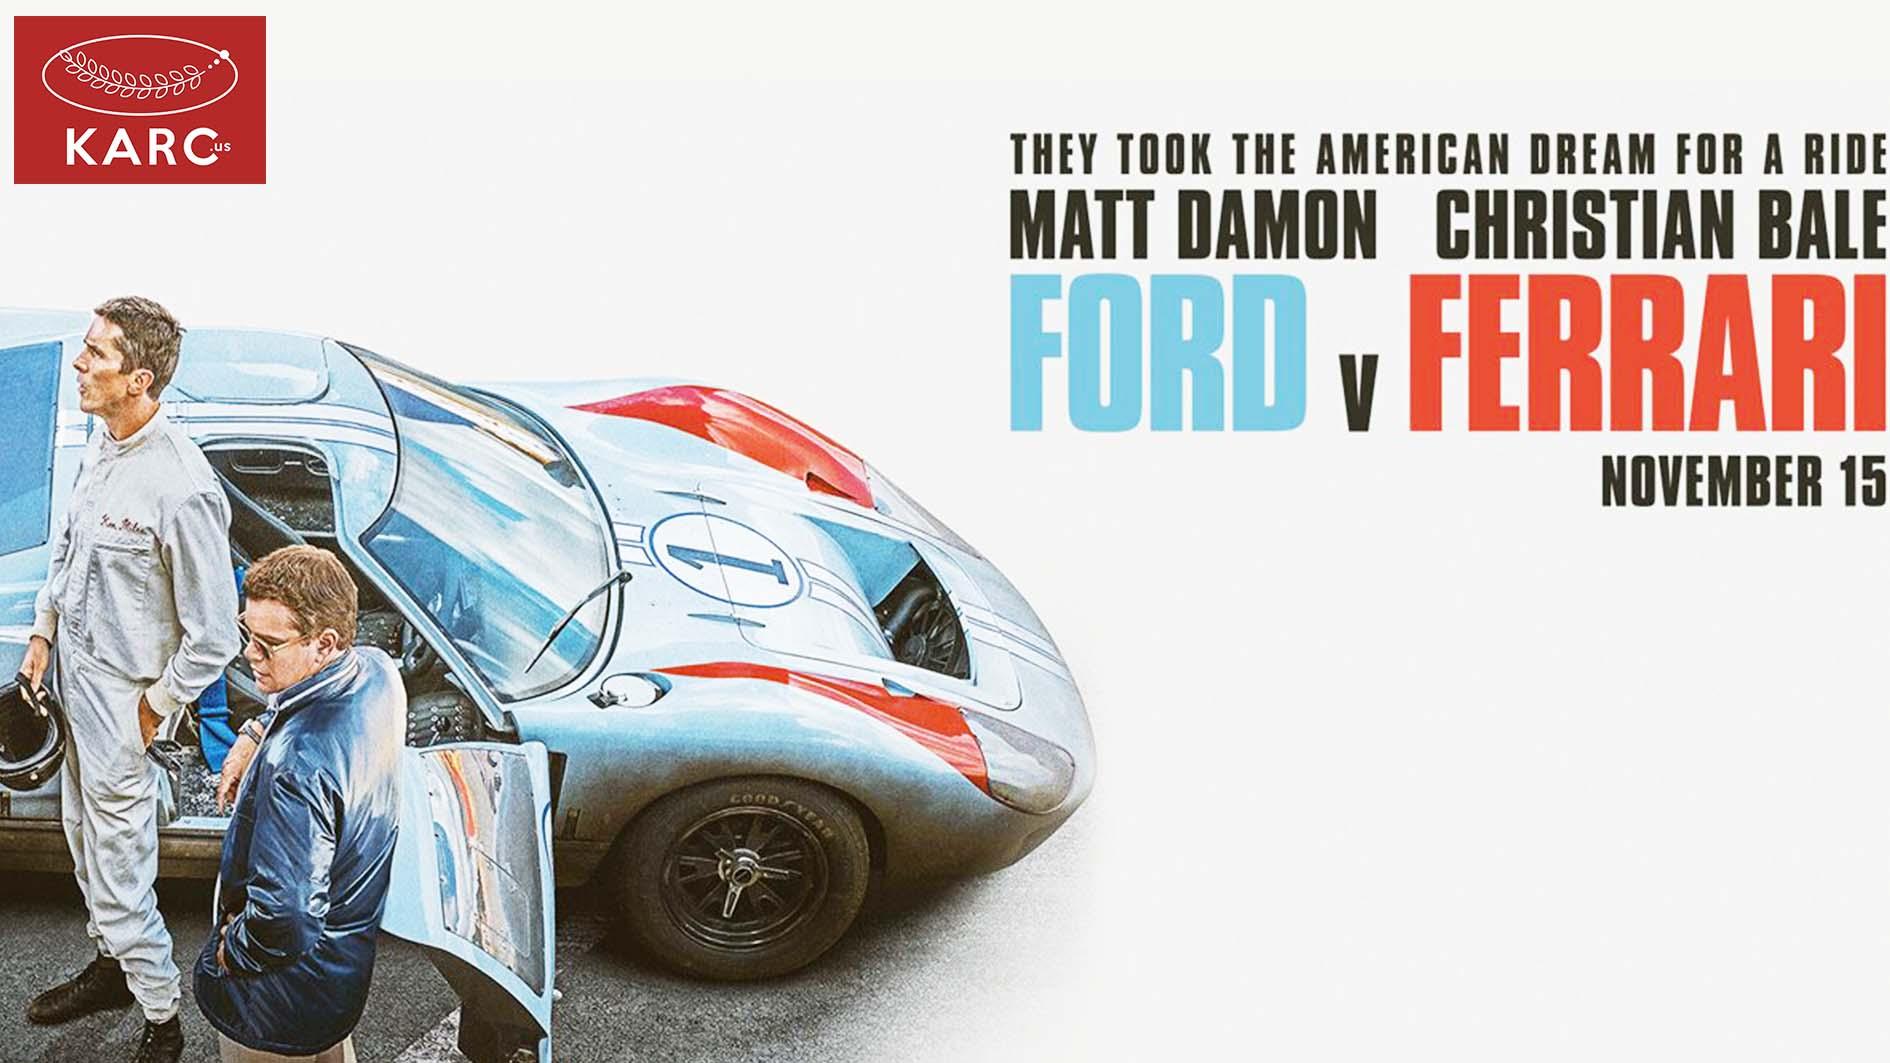 รีวิว :::Ford V Ferrari 2019 ภาพยนตร์รถแข่ง ที่โคตรมันส์ karc.us วงการภาพยนต์ , แนะนำหนังดี , แนะนำหนังน่าดู , หนังน่าดู , รีวิวหนังใหม่ , ก่อนตายต้องได้ดู! , ข่าวดารา , ข่าวเด่นประเด็นร้อน , รีวิวหนังใหม่ , หนังดังในอดีต , karc.us